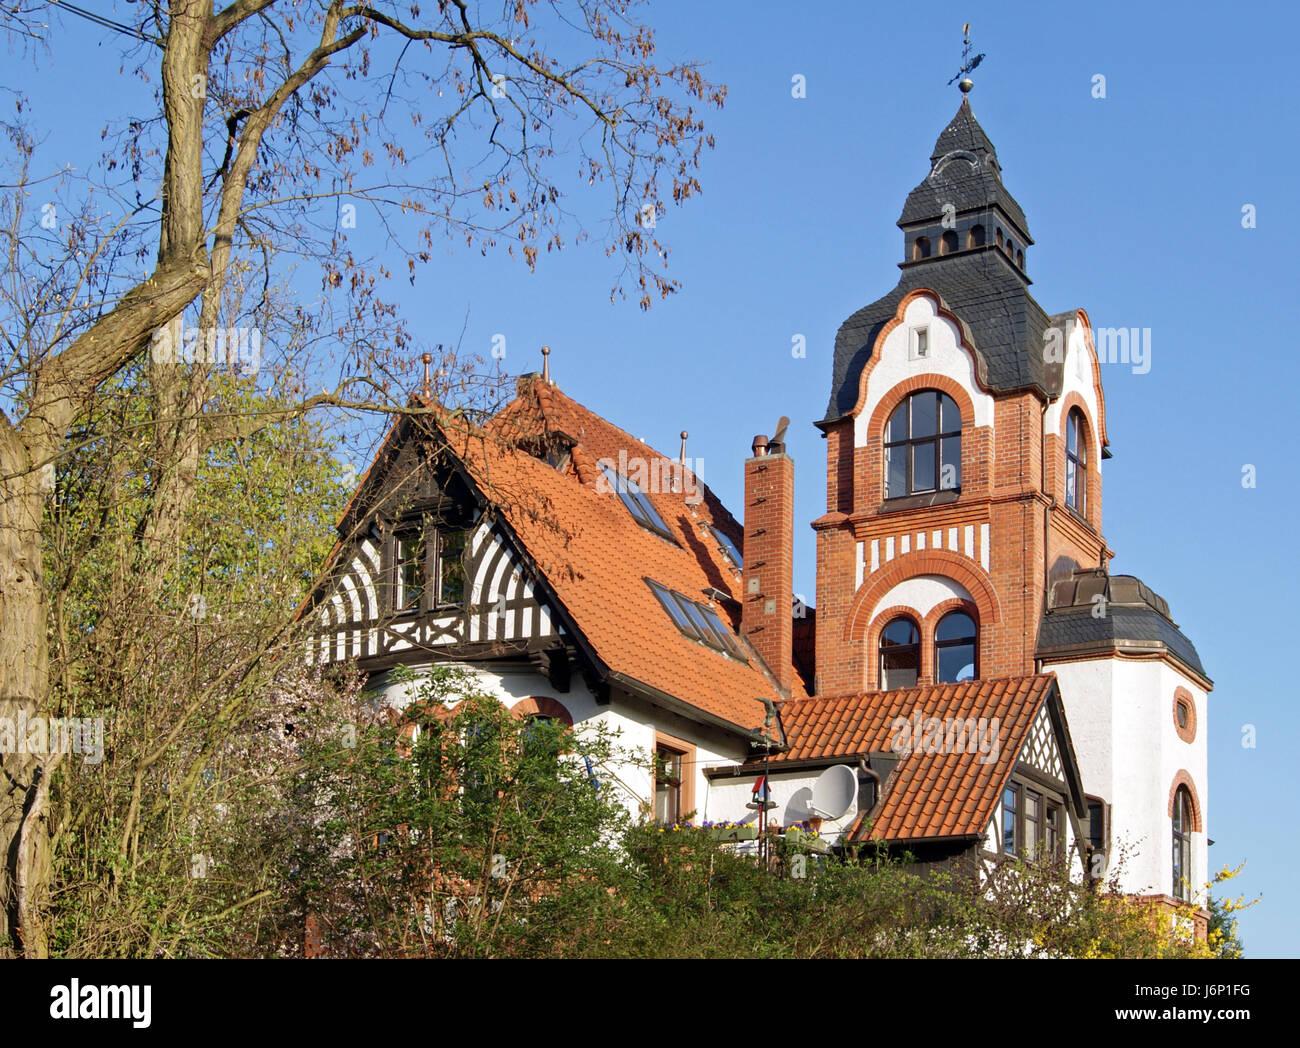 Turm Industrialisierung Rahmenarbeit Villa Hannover Linden Baum ...